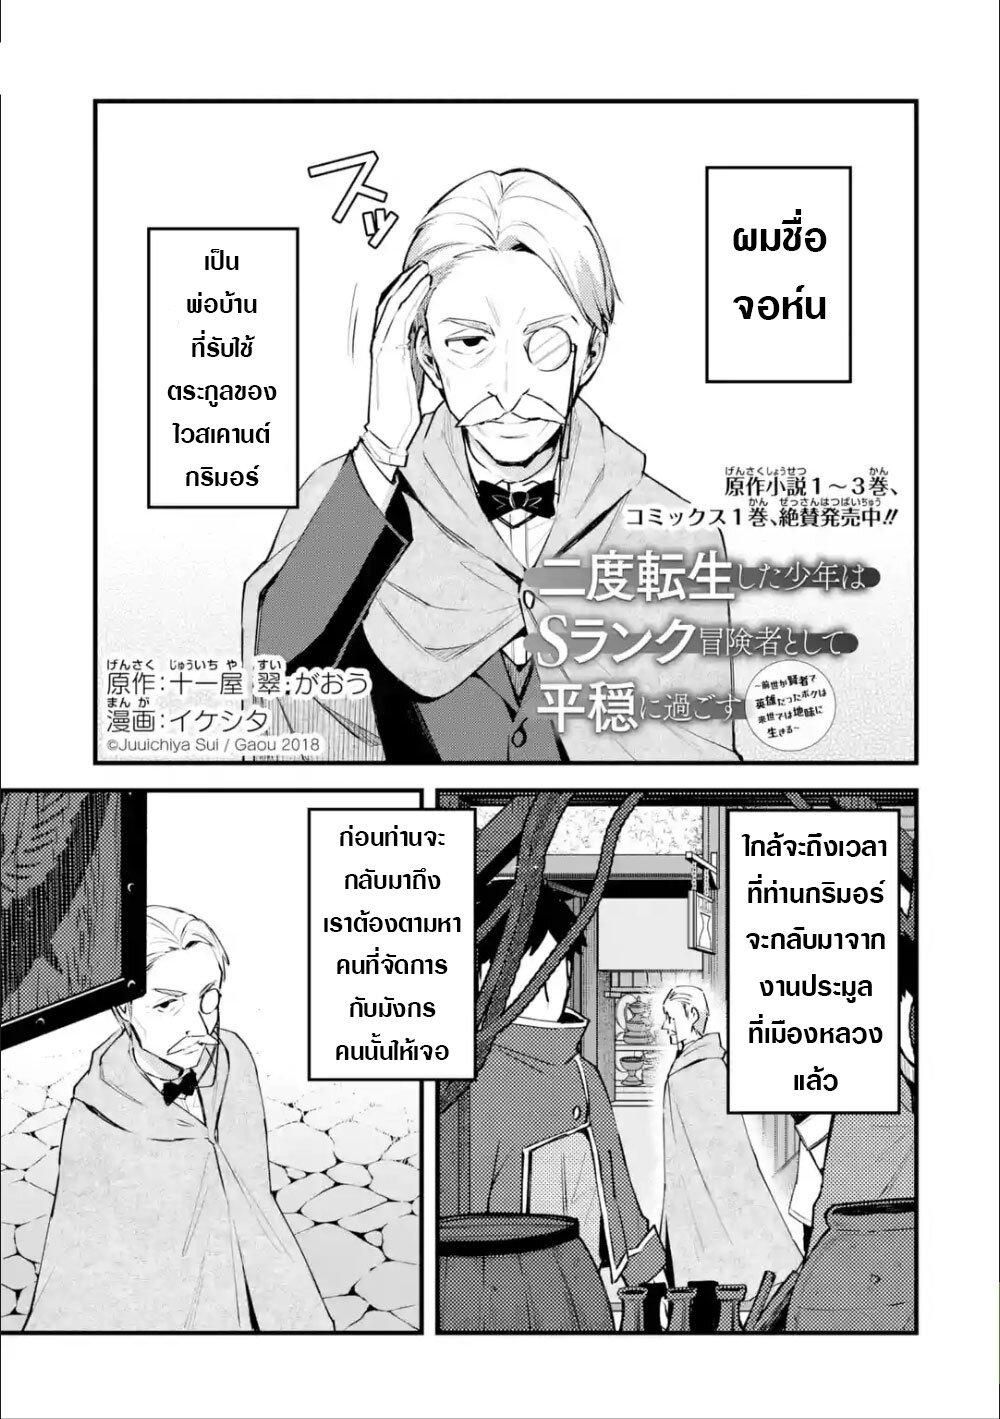 อ่านการ์ตูน Nido Tensei Shita Shounen wa S Rank Boukensha Toshite Heion ni Sugosu-zense ga kenja de eiyuu datta boku wa raisede wa jimini ikiru ตอนที่ 8 หน้าที่ 2